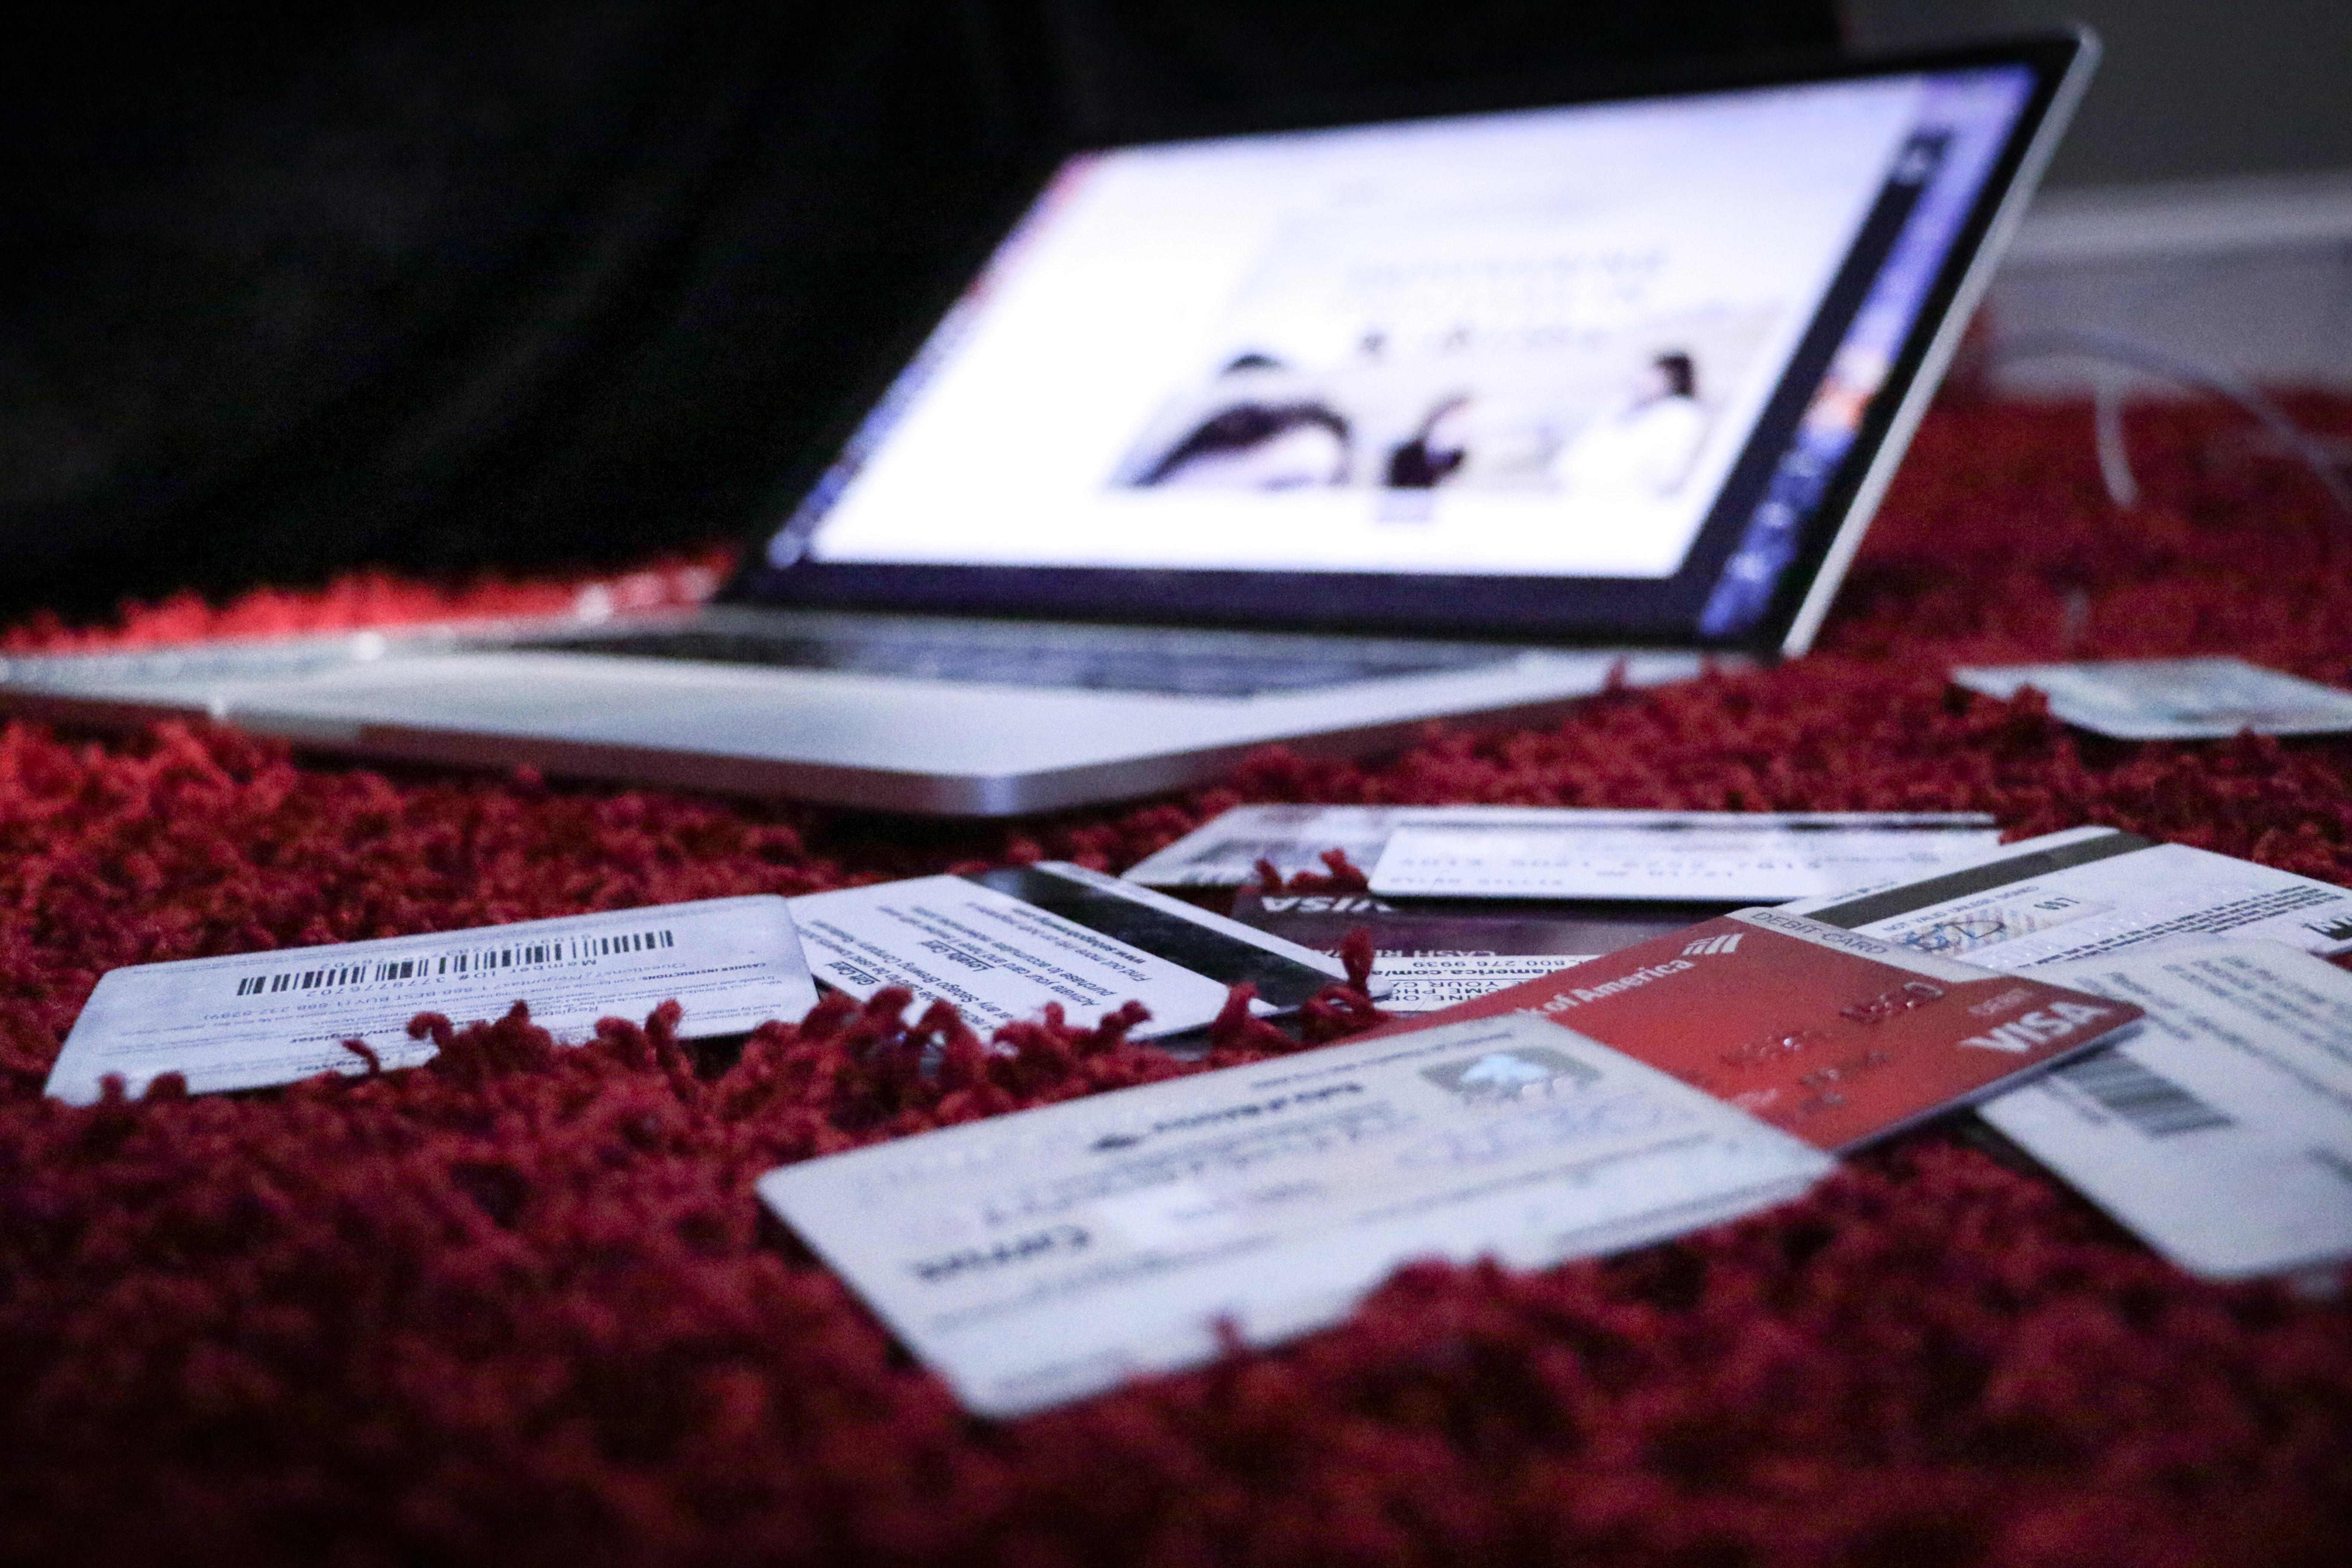 (P) Cele mai scumpe lucruri pe care le puteți cumpăra online